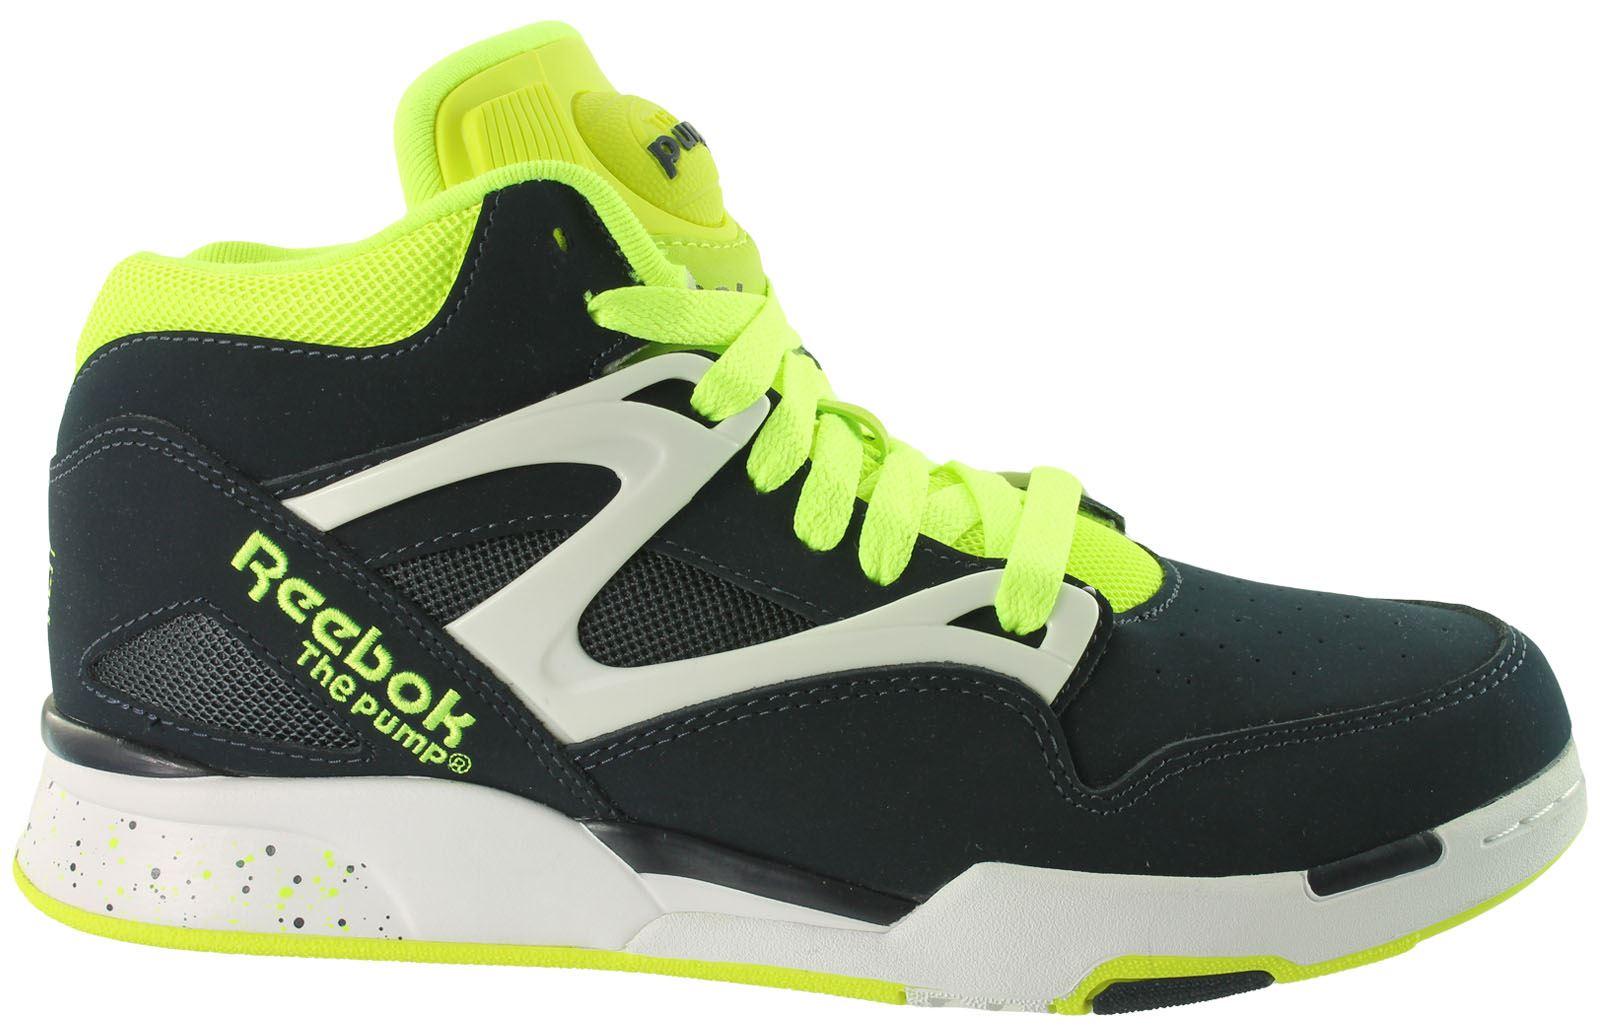 Para-Hombre-Reebok-Pump-Omni-Lite-corte-victoria-bomba-boots-limited-edition-trainers